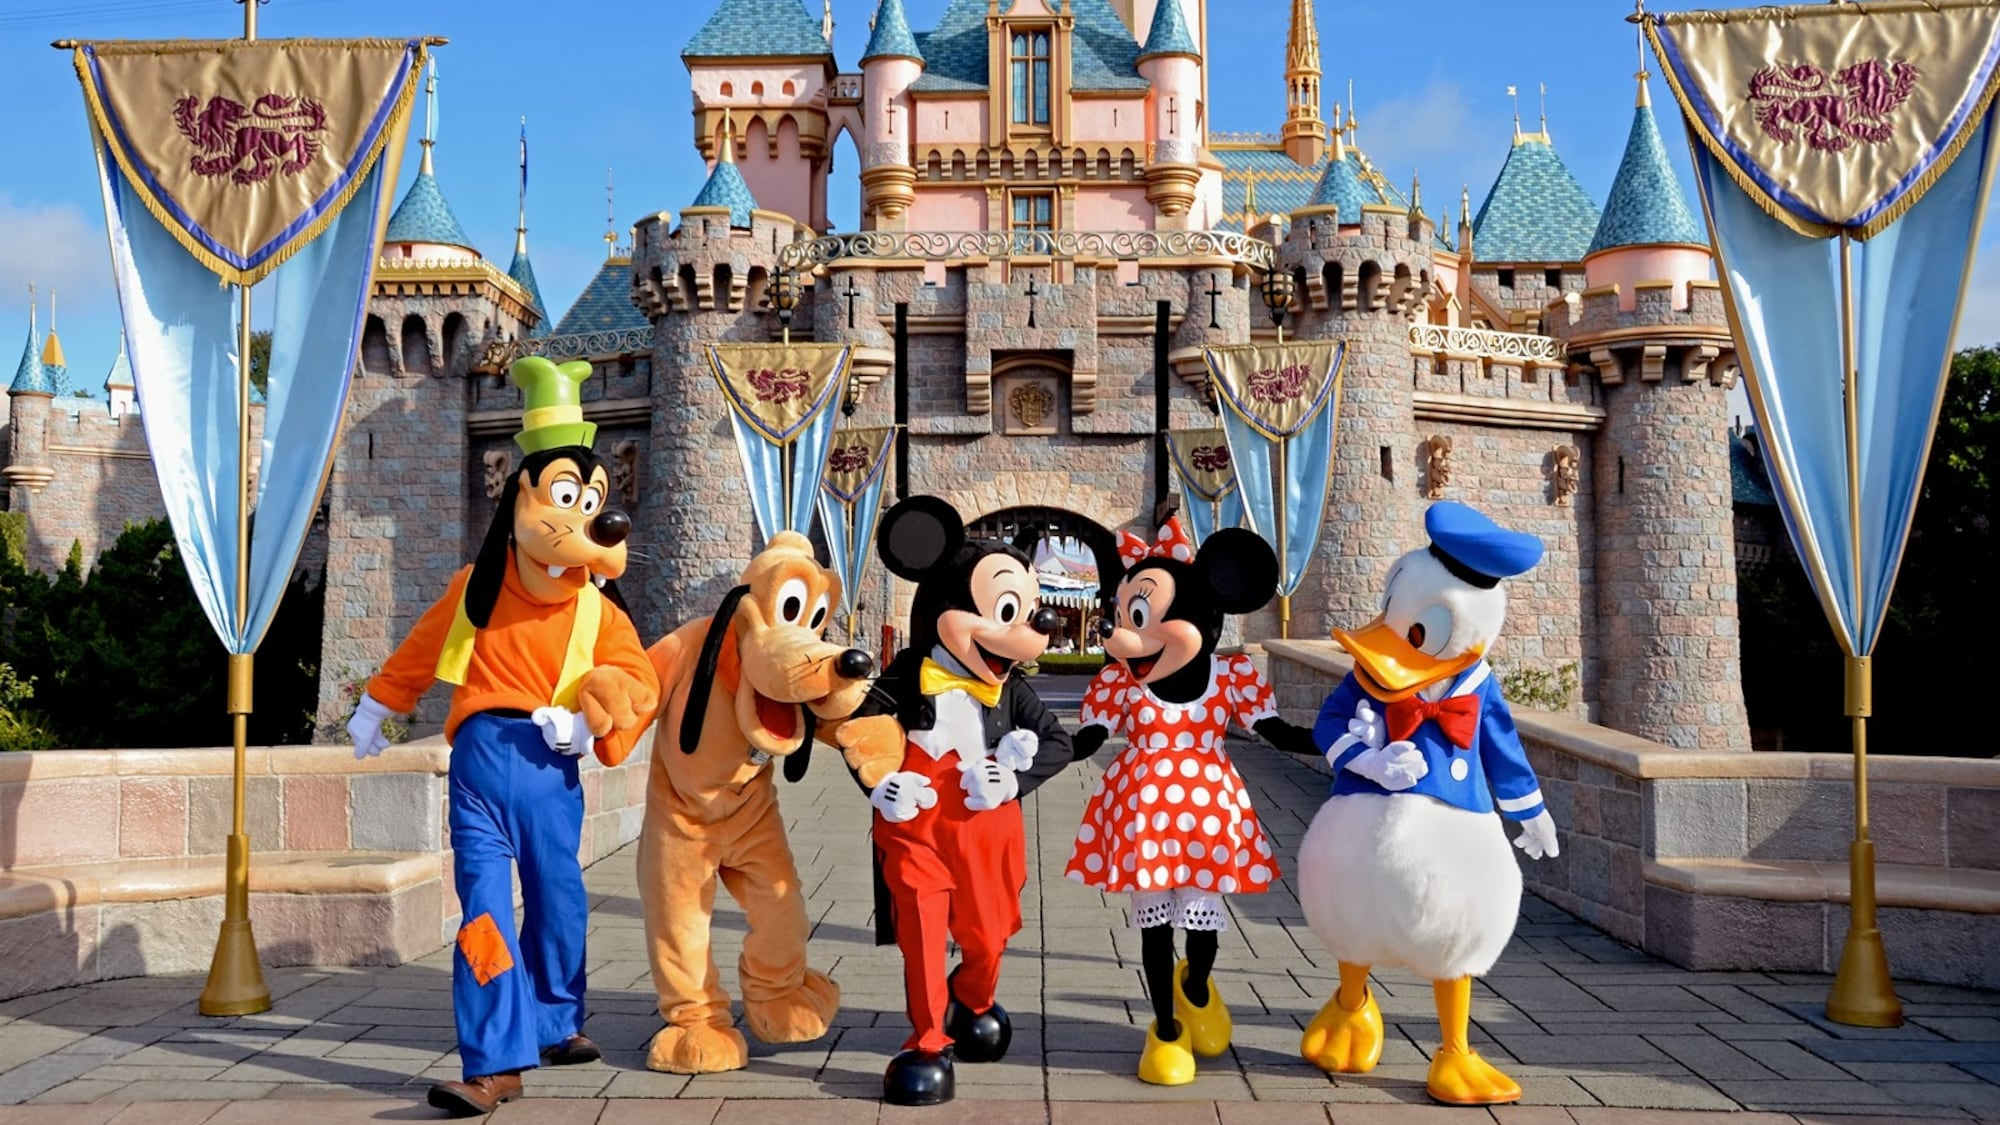 Disney-Erbin entsetzt nach Undercover-Einsatz: Park-Mitarbeiter müssen im Abfall nach Essen wühlen